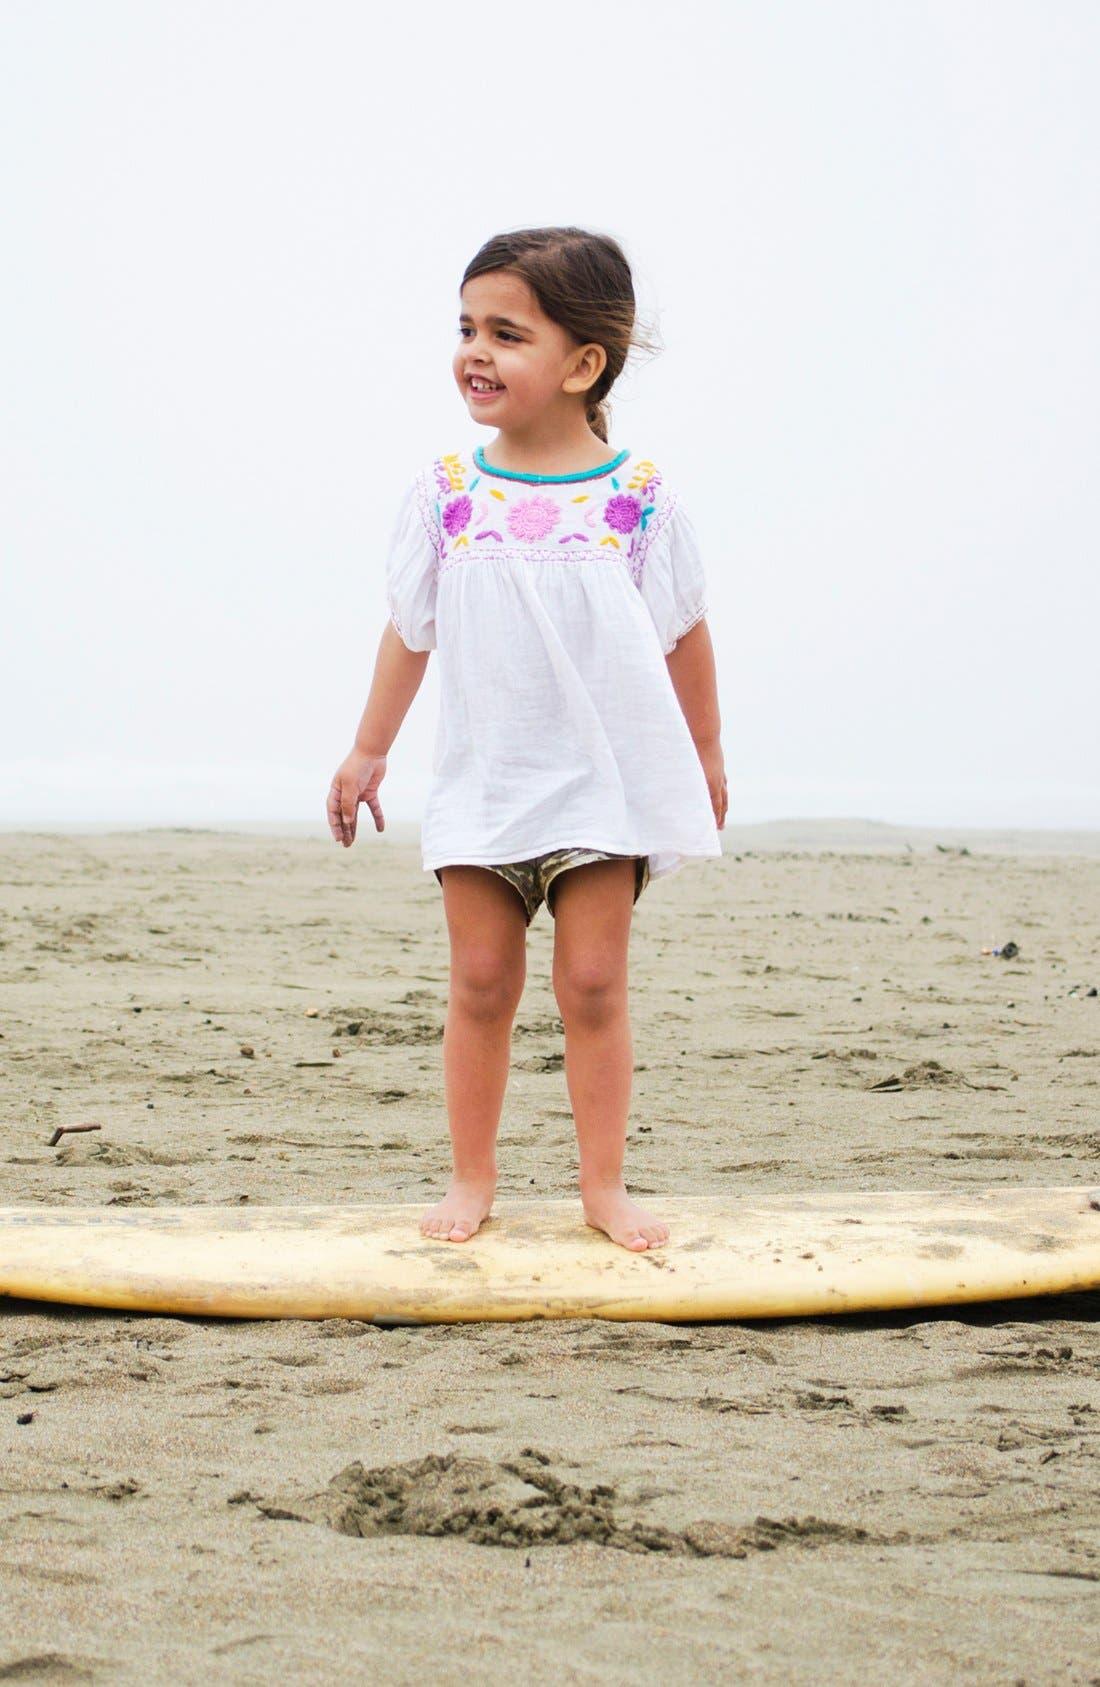 Alternate Image 1 Selected - Peek Tee & Shorts (Toddler Girls, Little Girls & Big Girls)